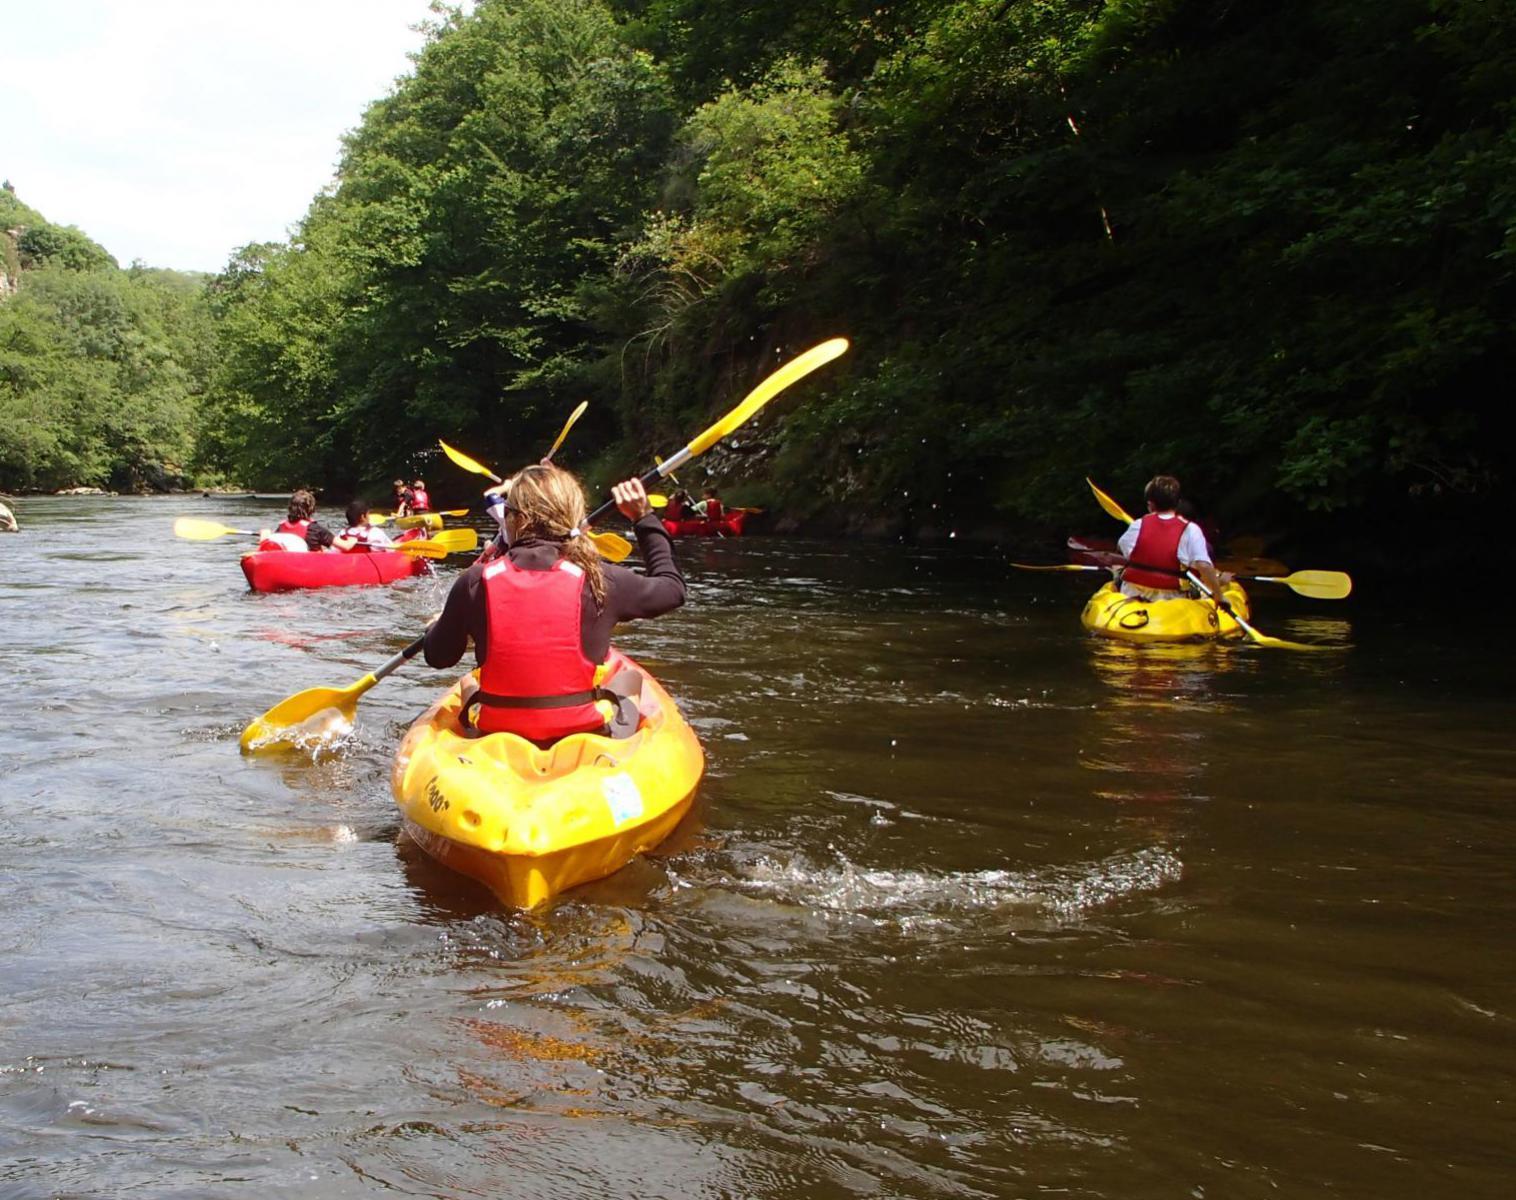 France  Graines d'aventuriers, exploration au cœur des Combrailles   Découverte Kayak & Canoë Observation nature Balade nature